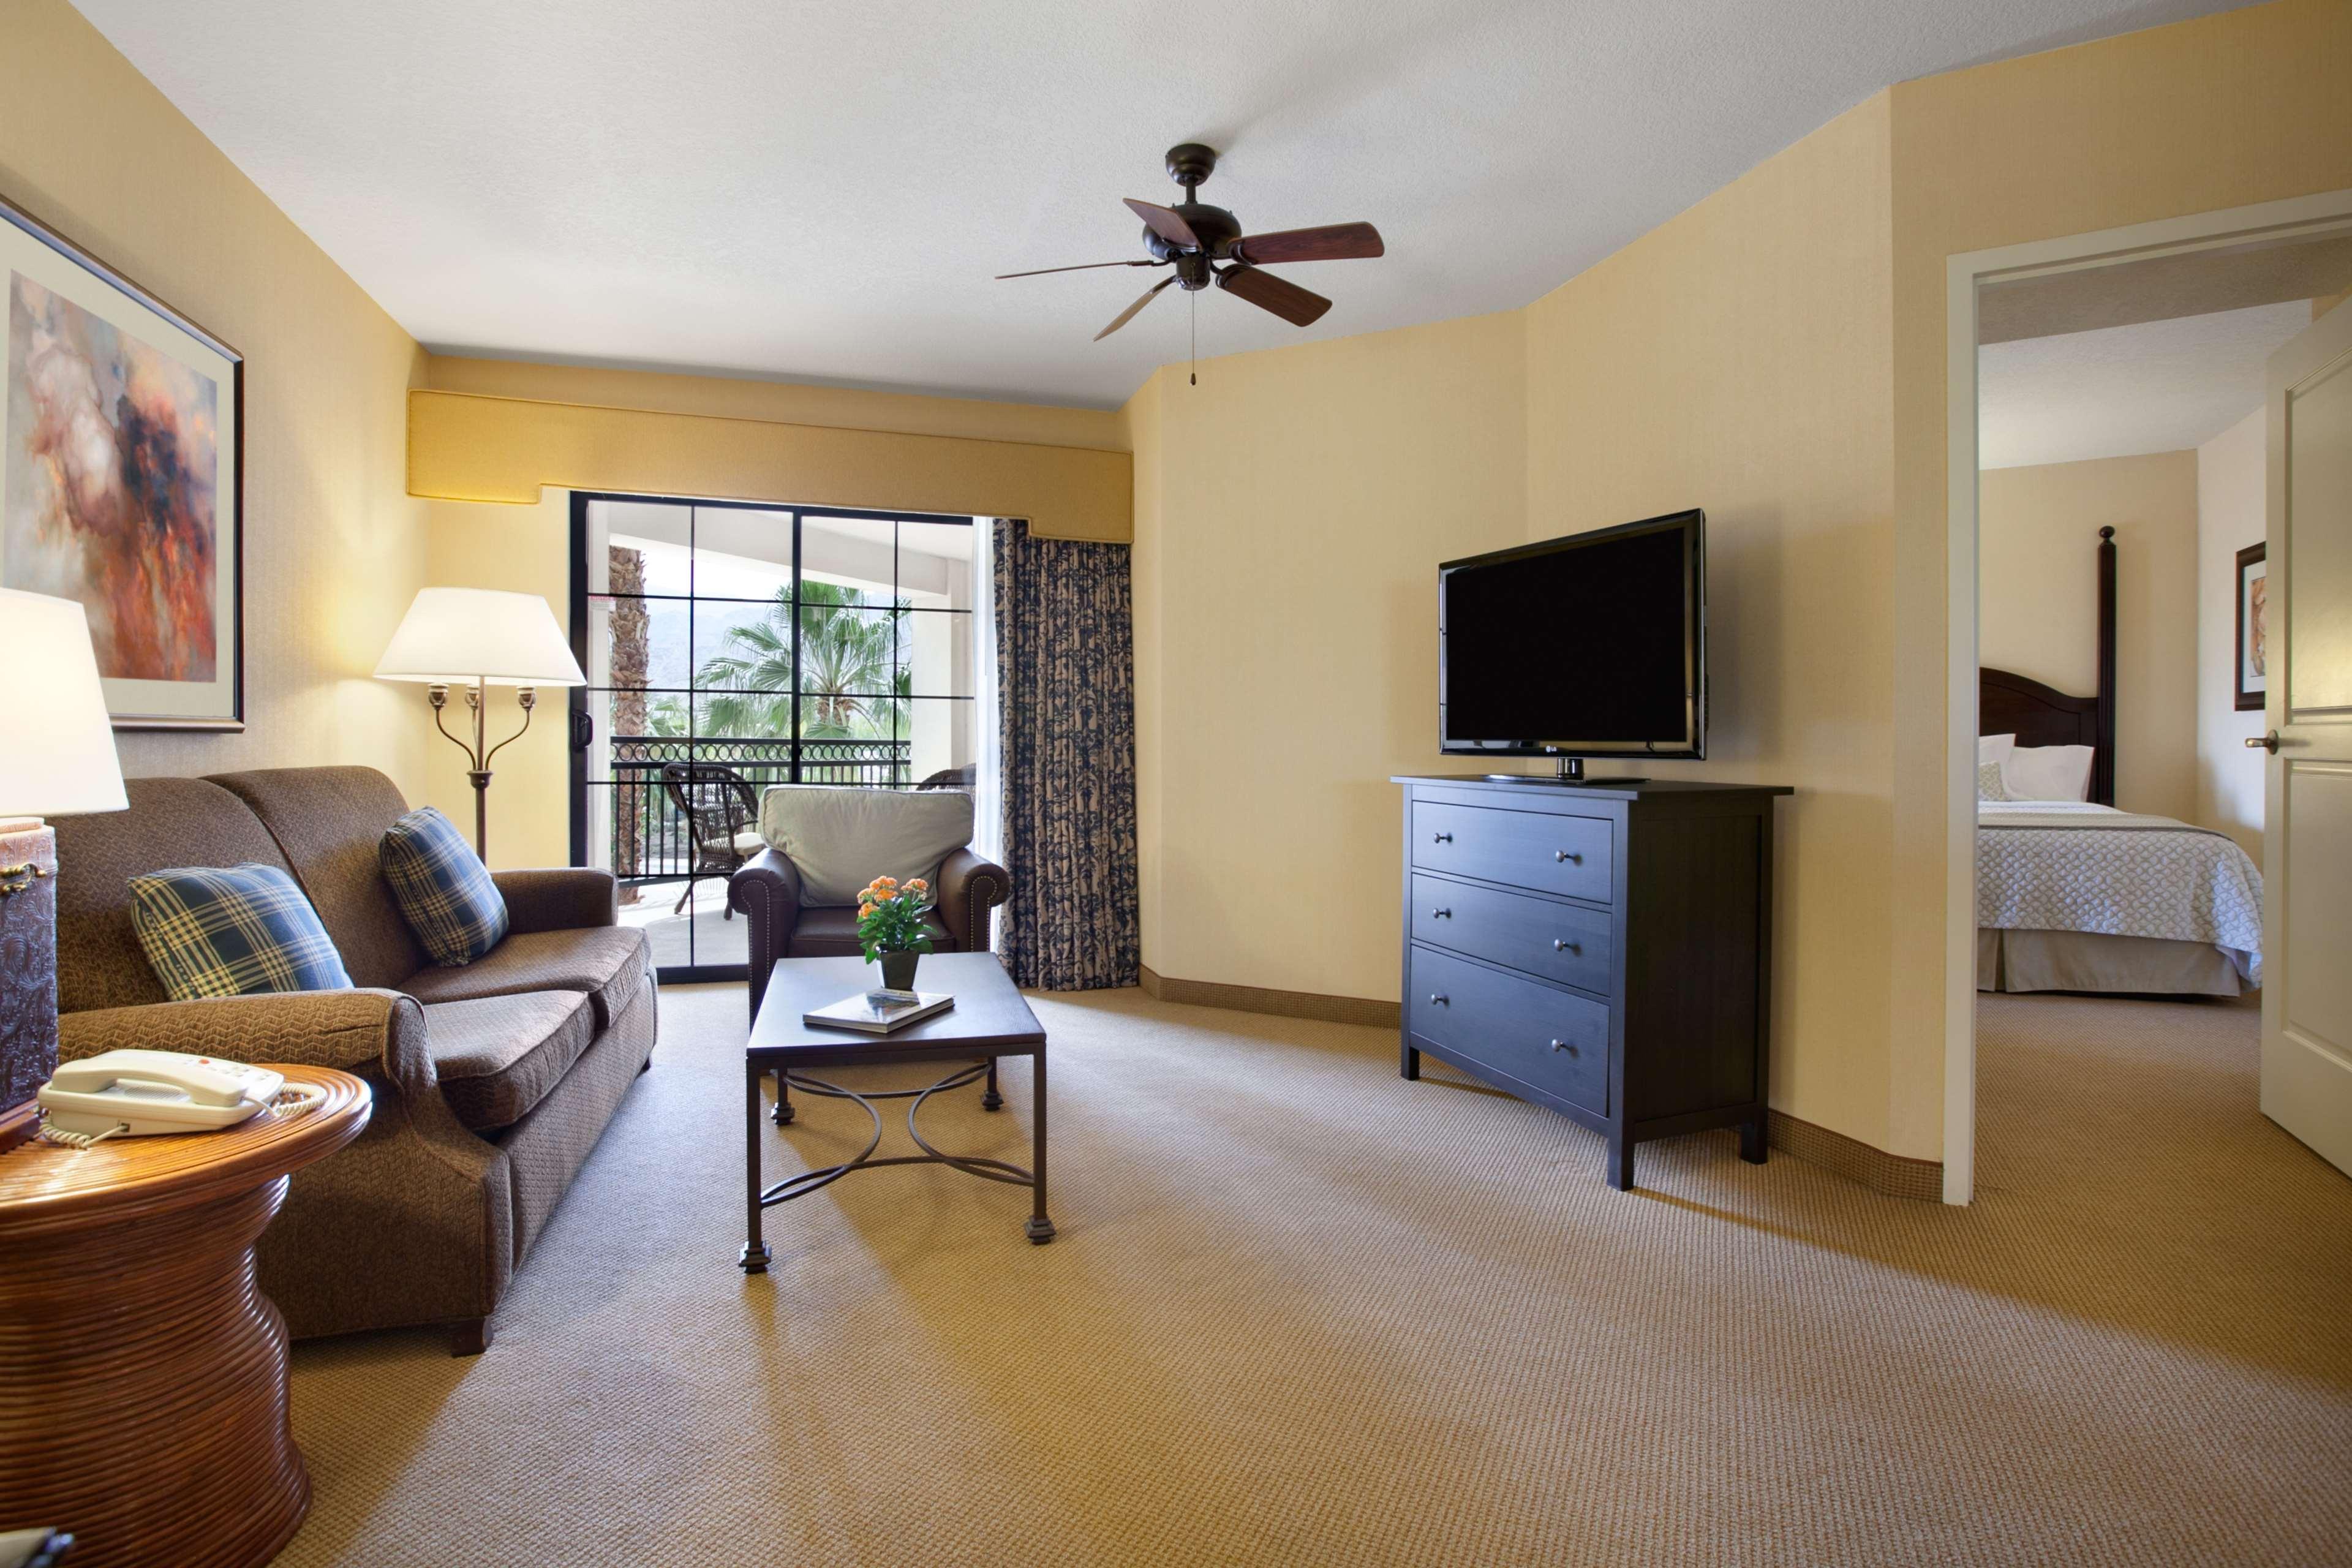 Embassy Suites by Hilton La Quinta Hotel & Spa image 30